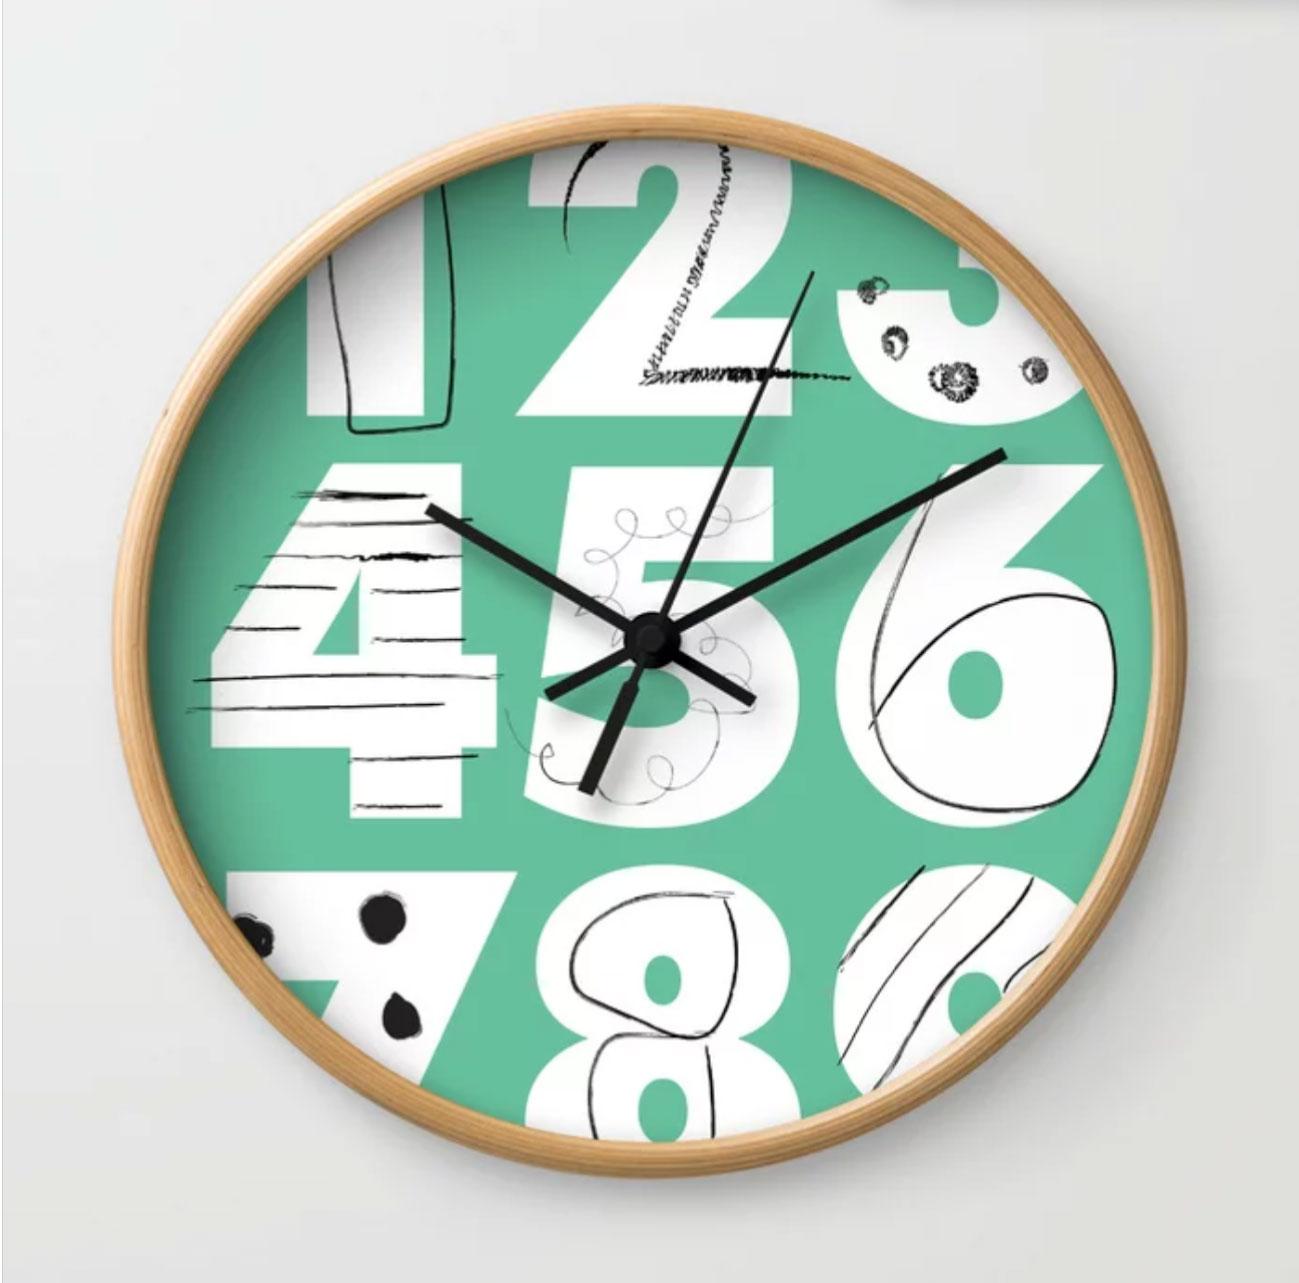 funkynumbers_clock.jpg